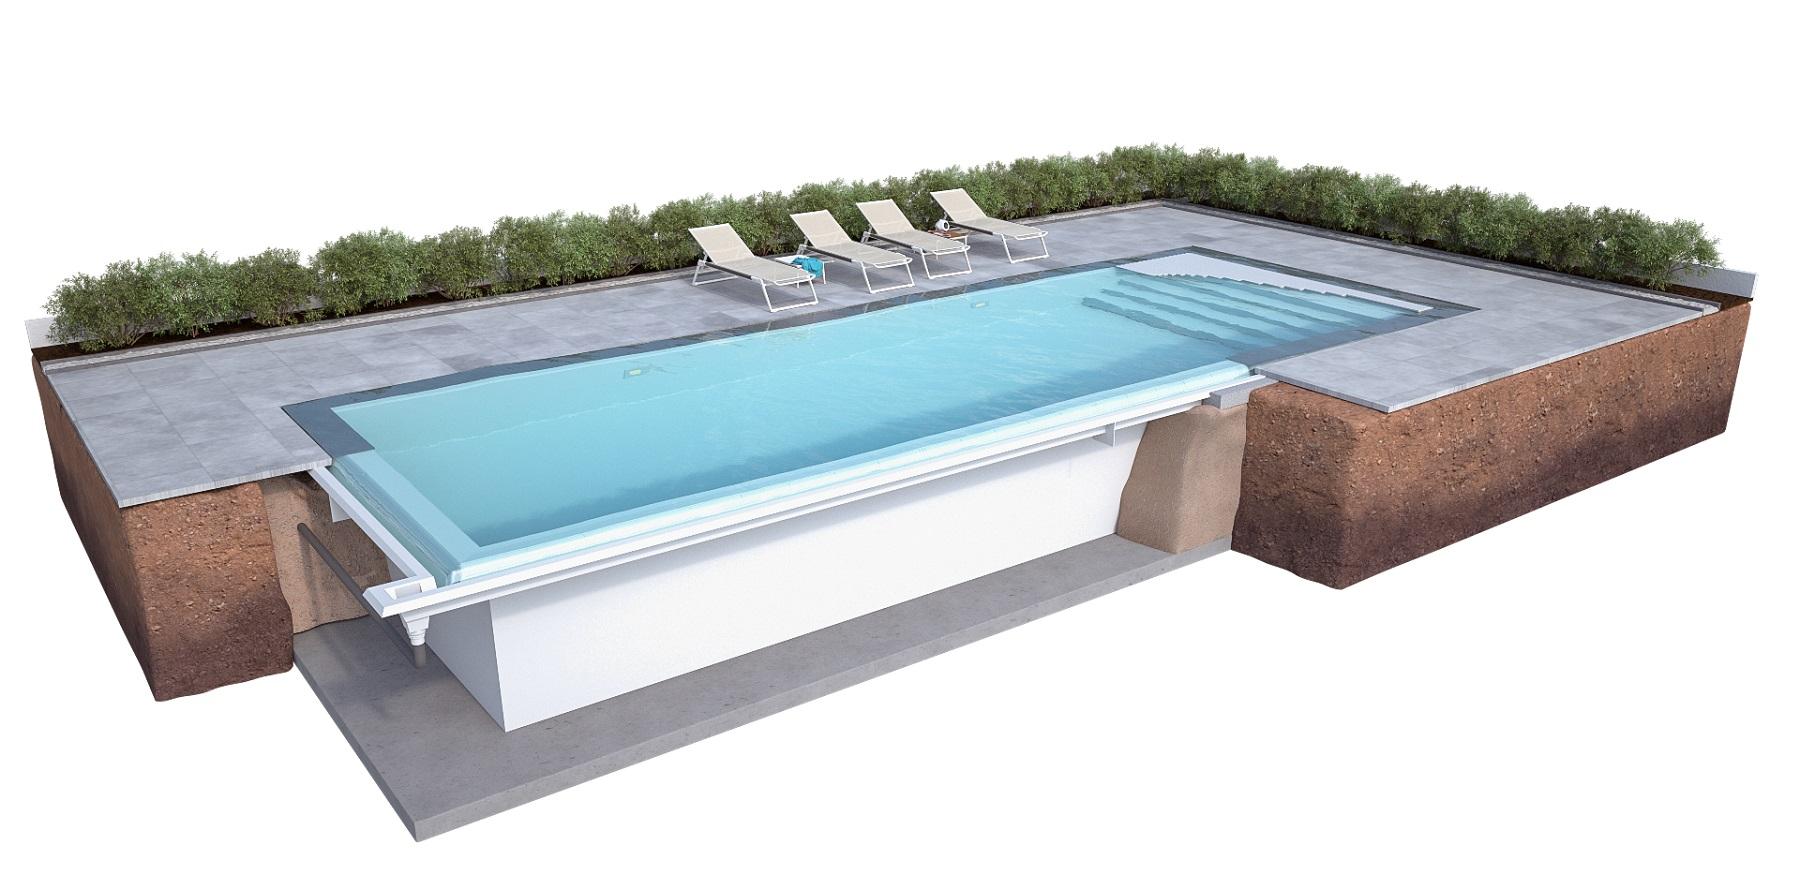 fertigschwimmbecken nexxt line mit berlaufrinne. Black Bedroom Furniture Sets. Home Design Ideas